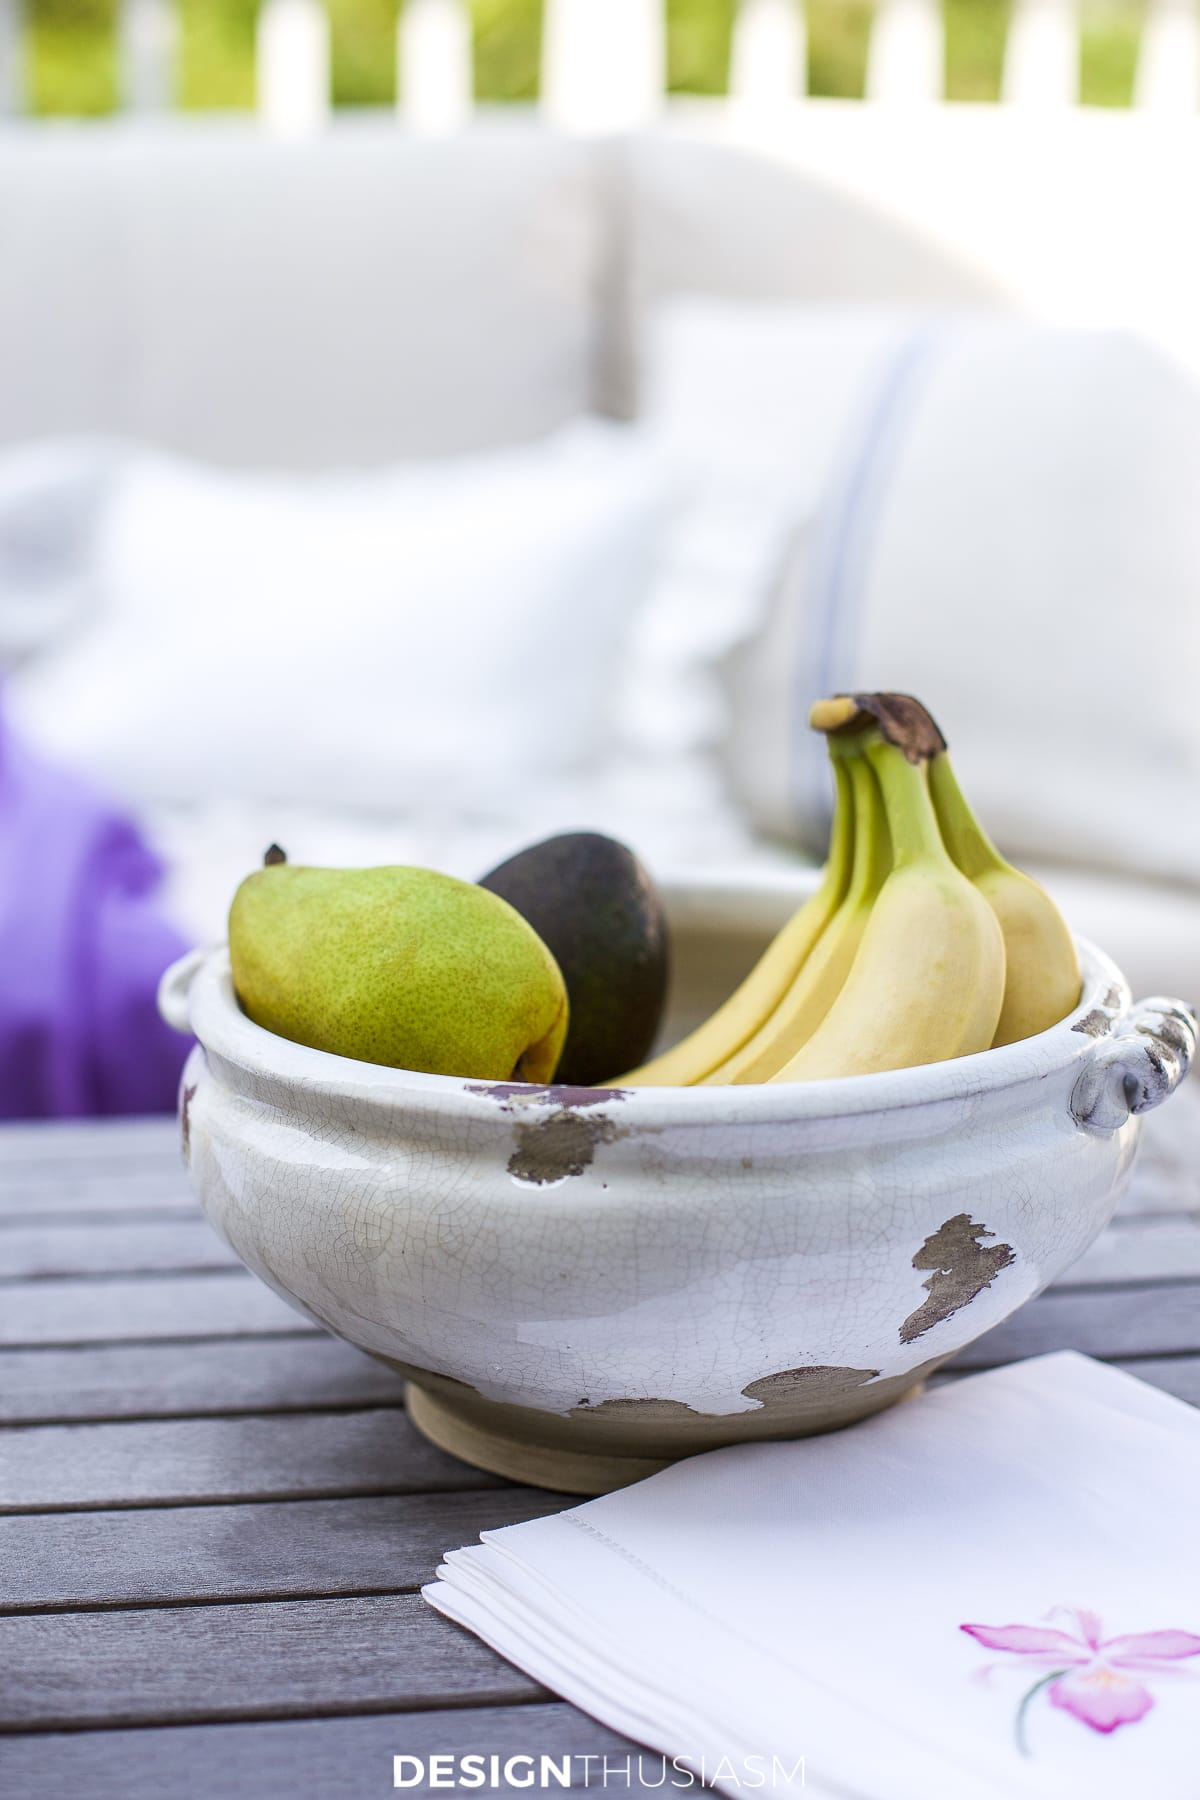 Patio decor fruit bowl